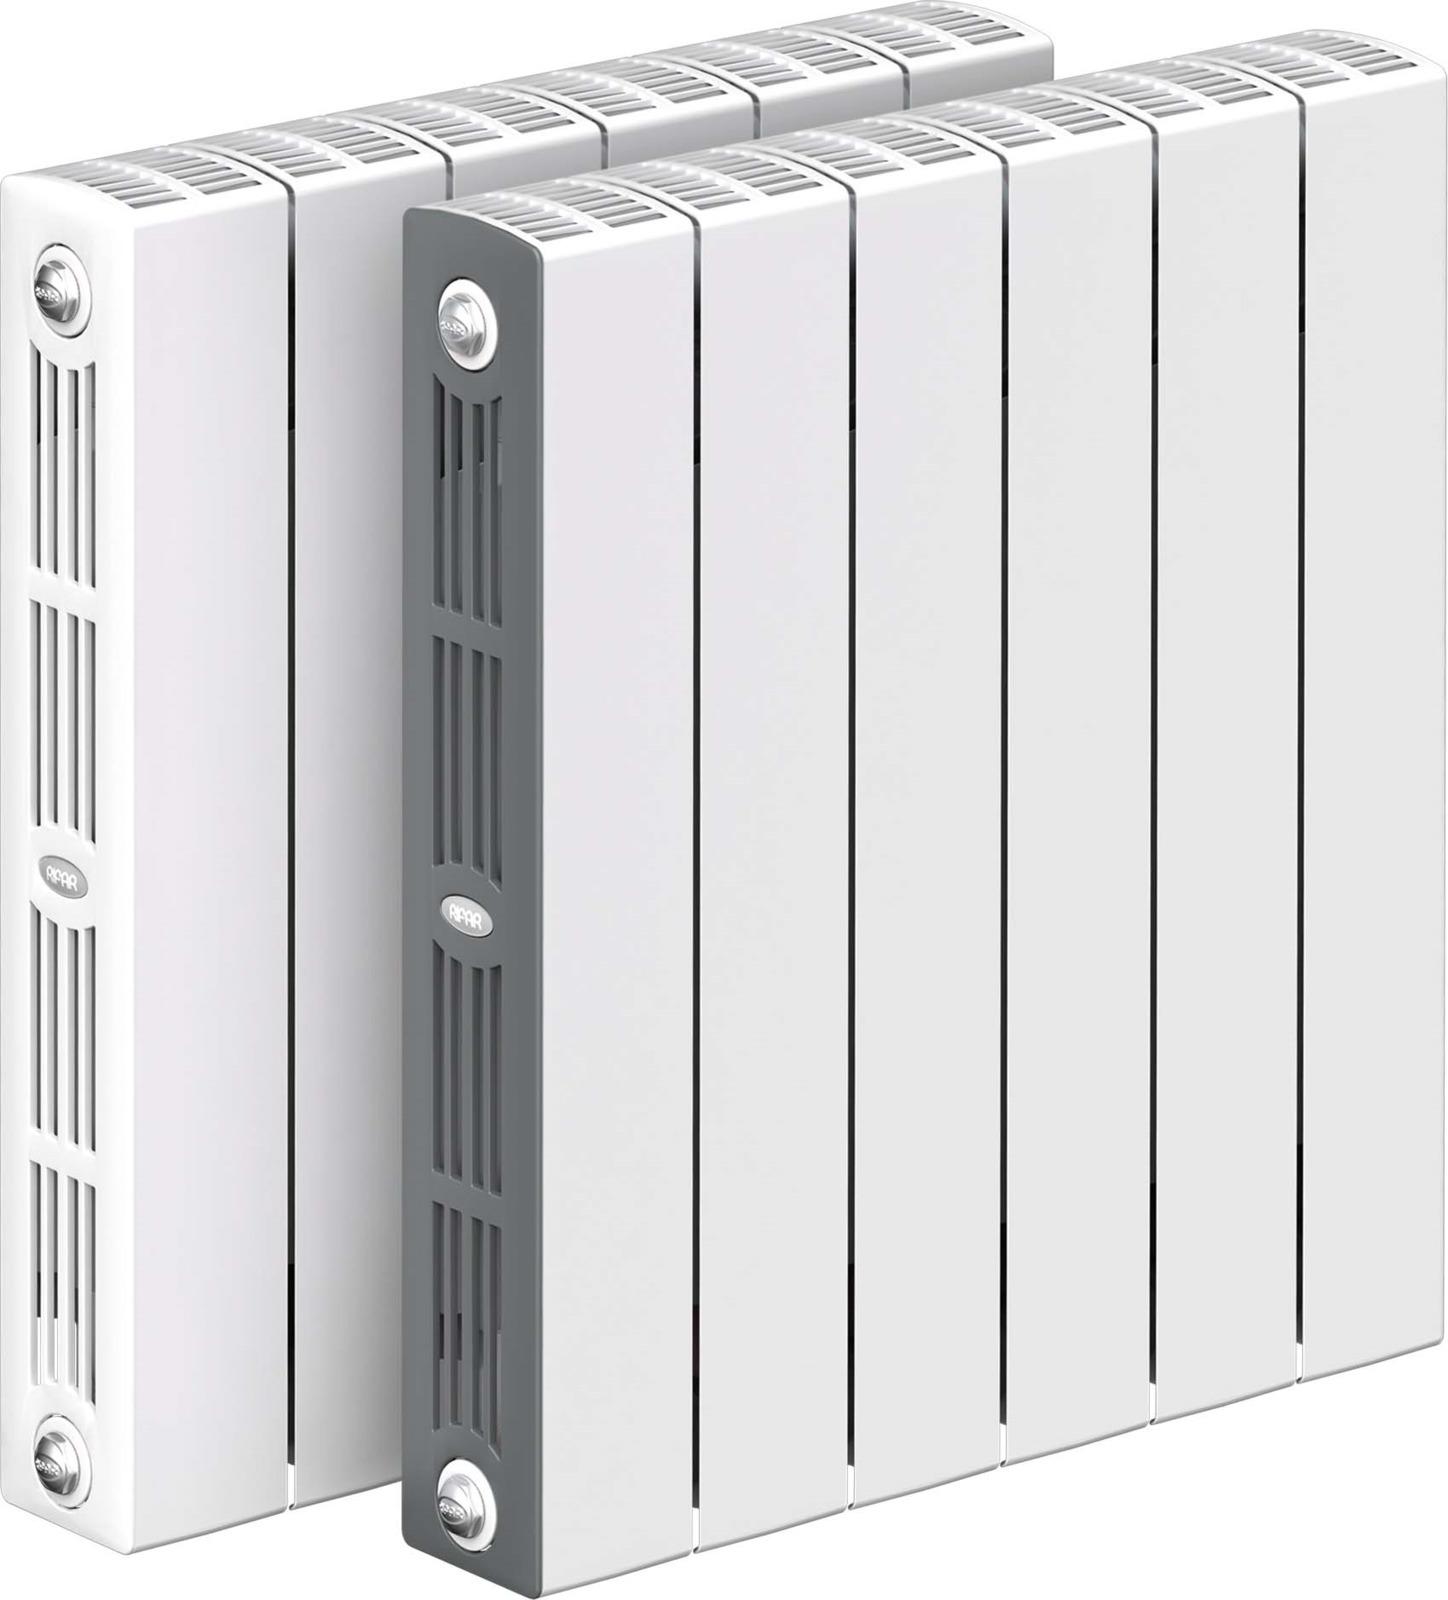 Секционный радиатор Rifar Supremo 350, биметаллический, RIFAR S 350-10, белый, 10 секций kermi profil k profil k fk o 12 400 400 радиатор стальной панельный боковое подключение белый ral 9016